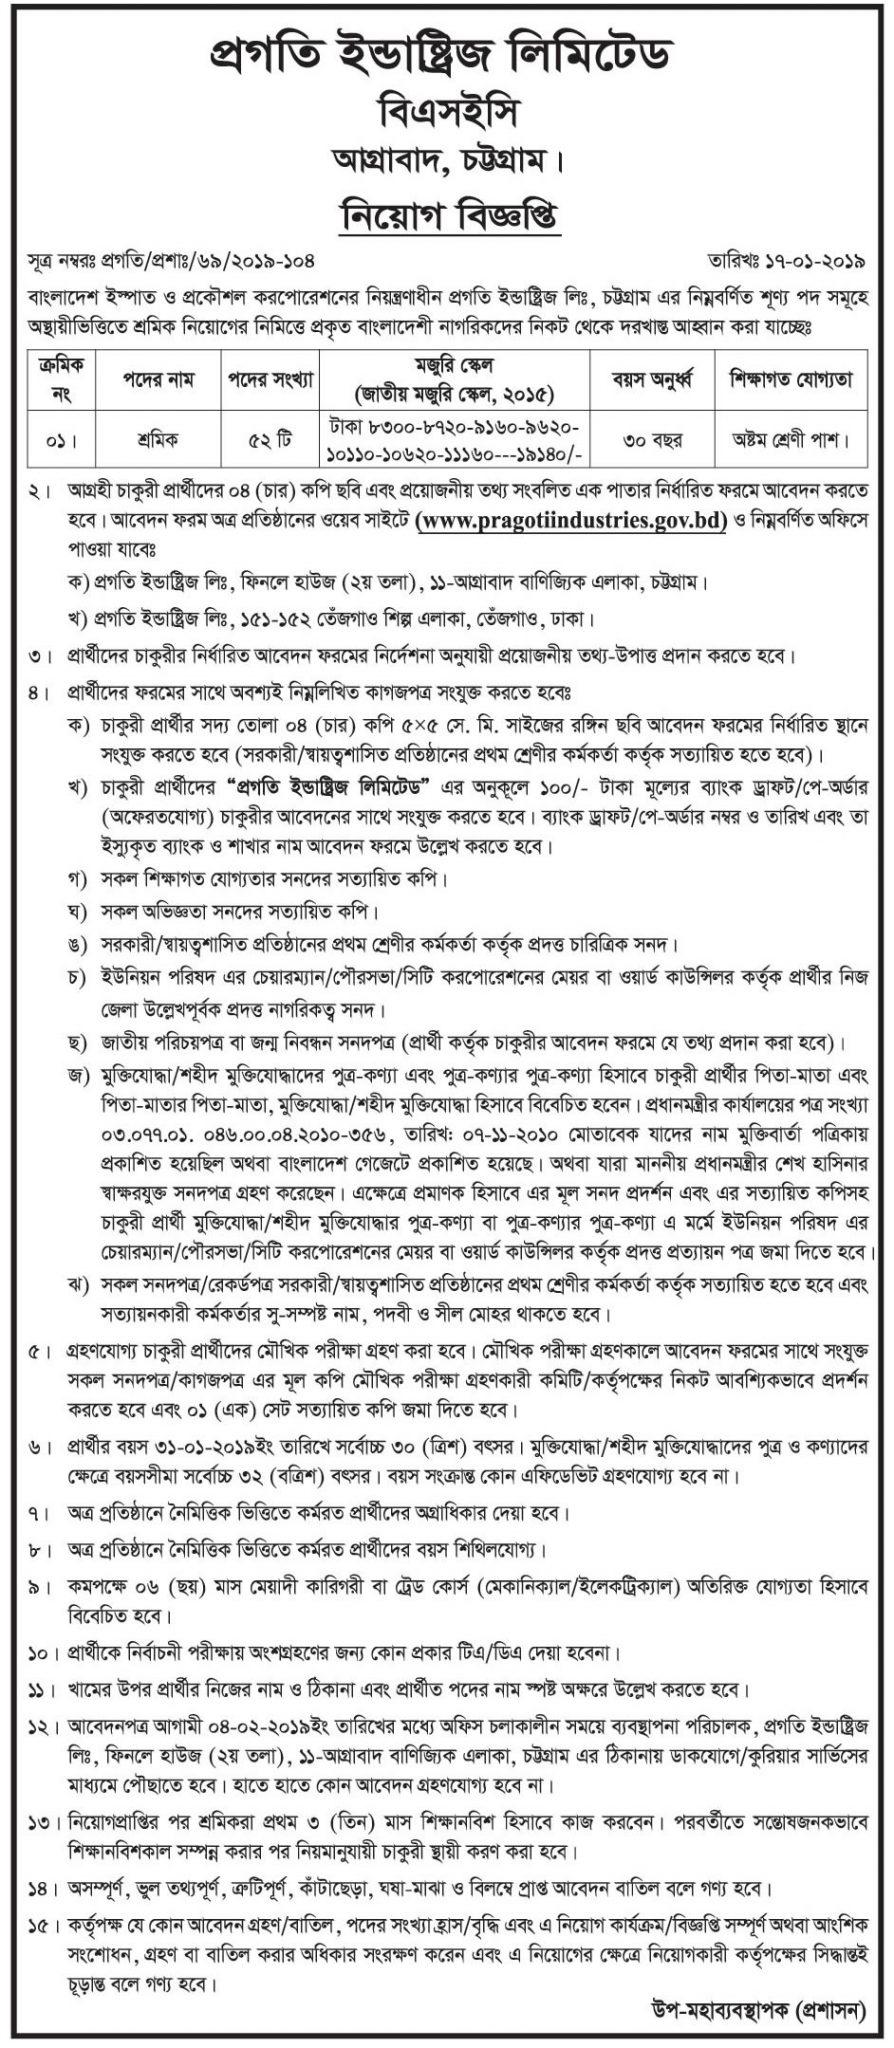 Bangladesh Steel & Engineering Corporation (BSEC) Job Circular 2019